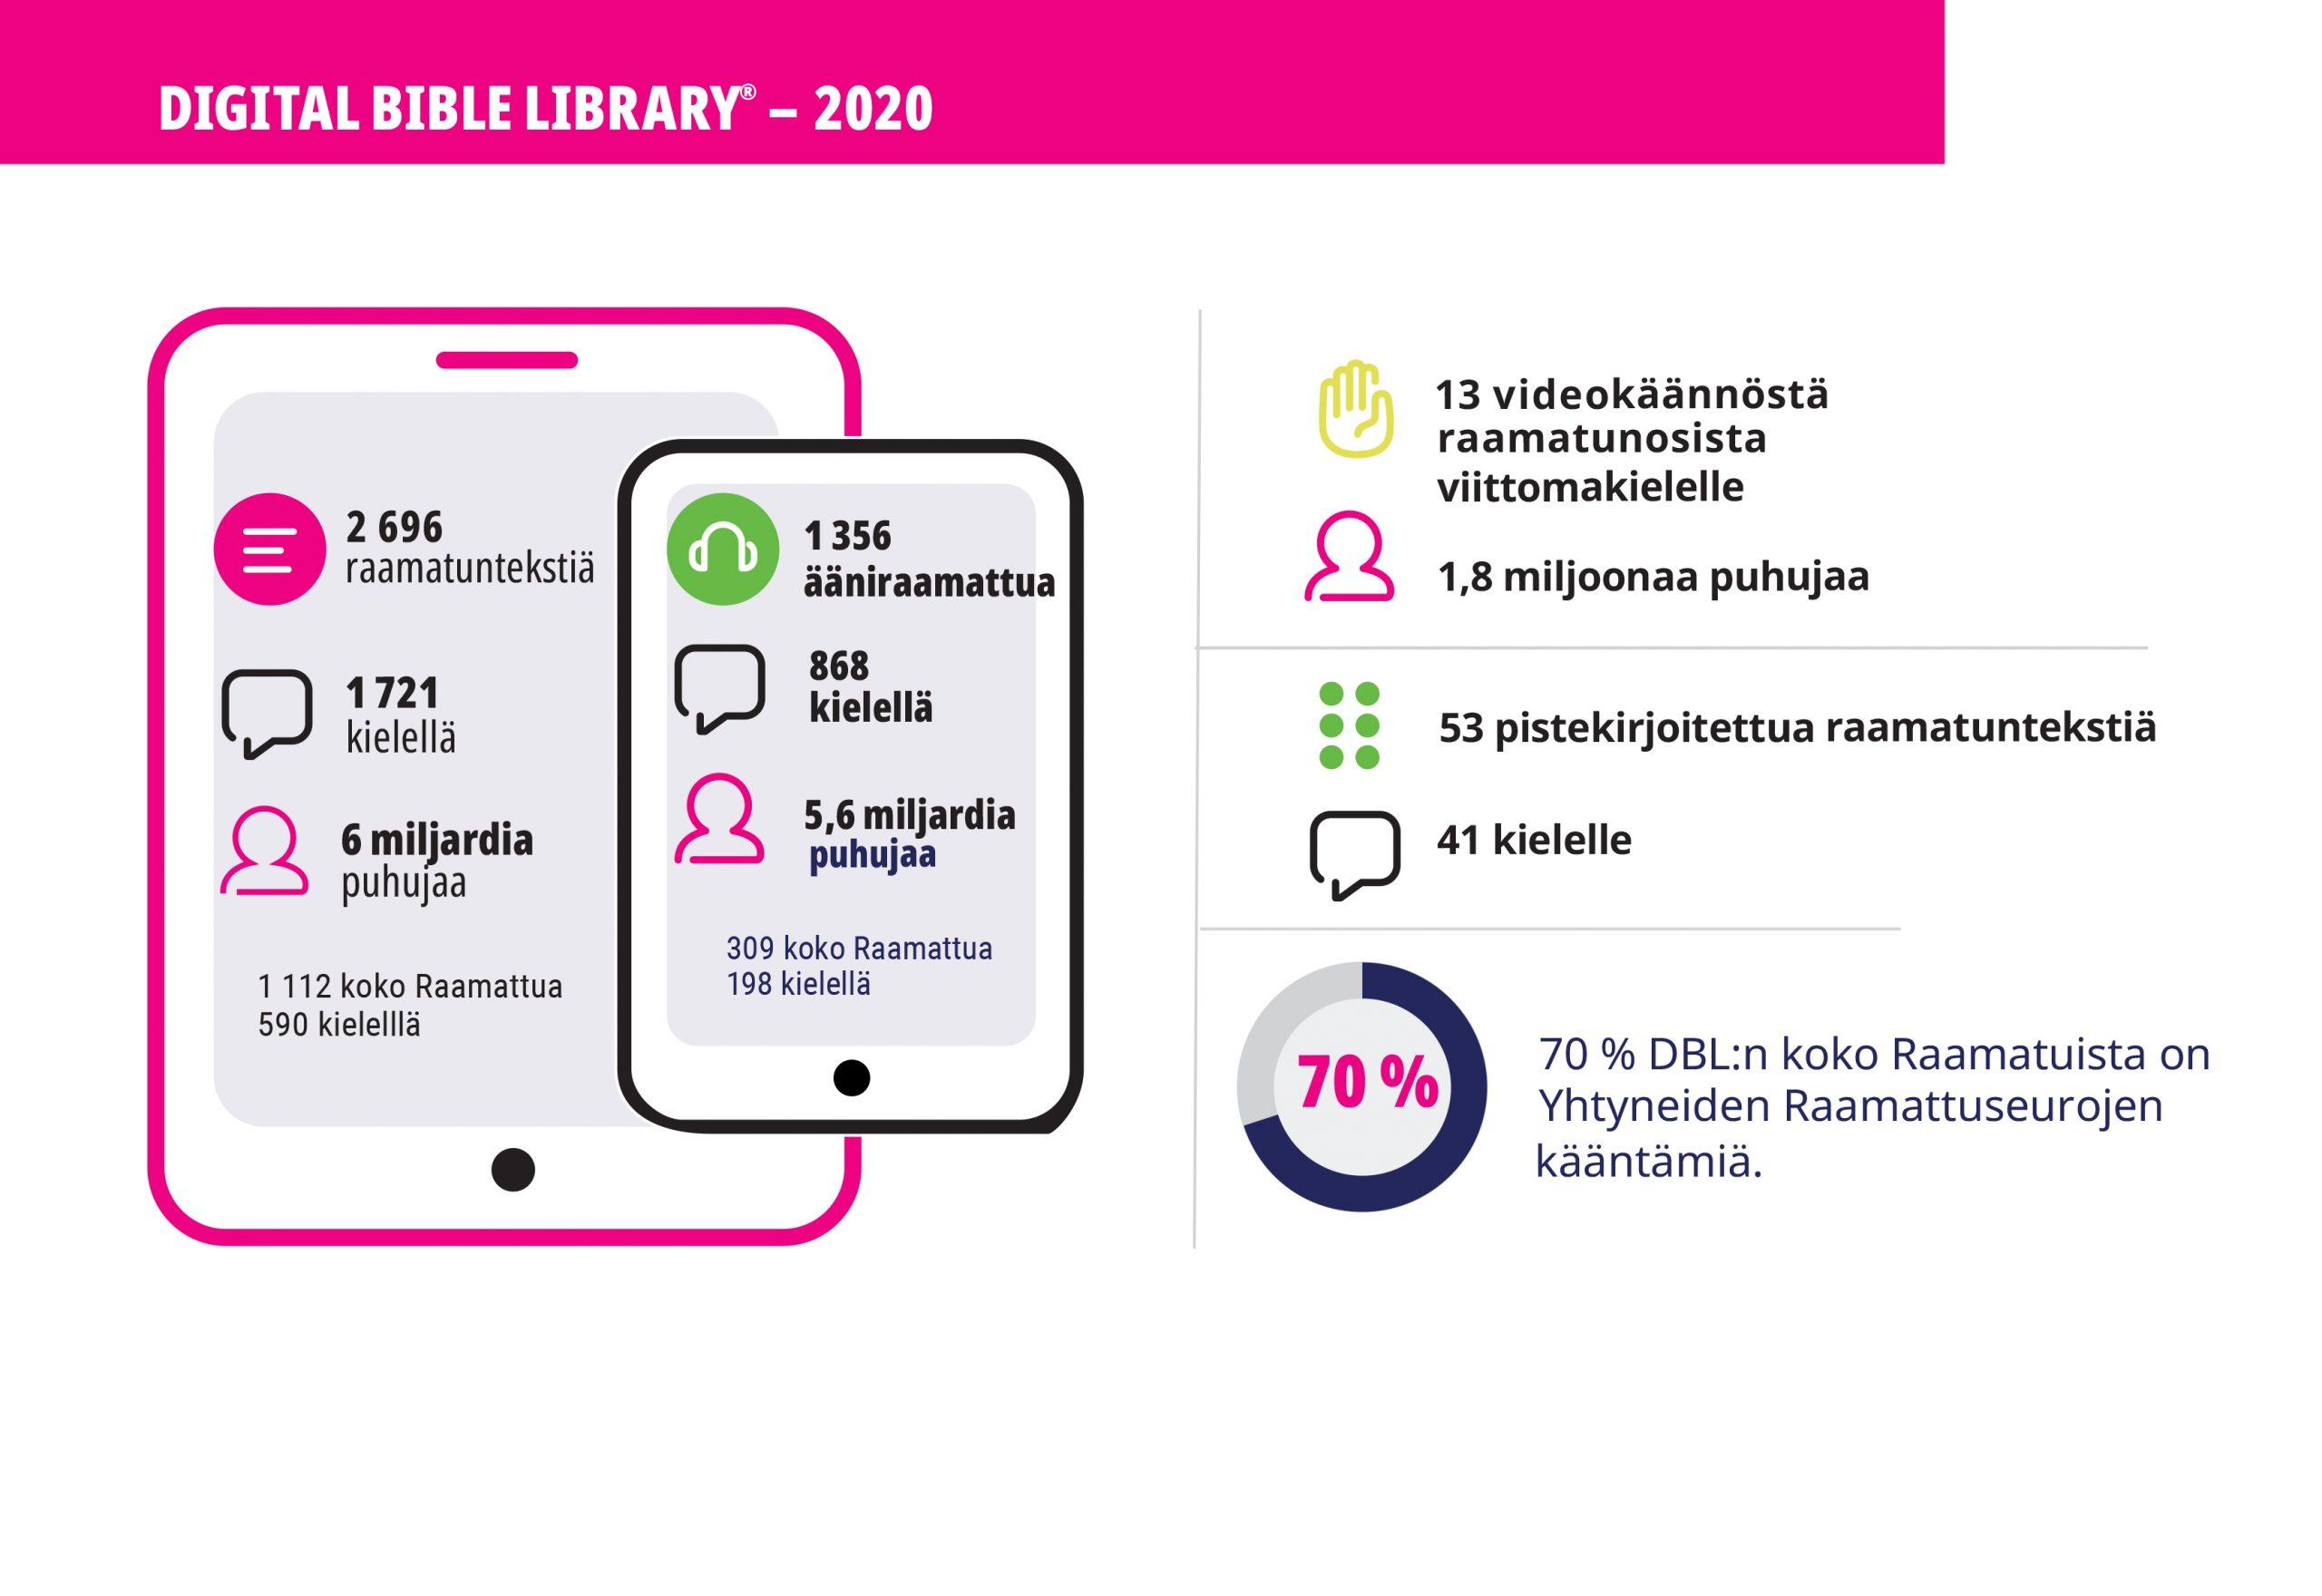 Digitaalisen raamattukirjaston aineistomäärät tilasto 2020